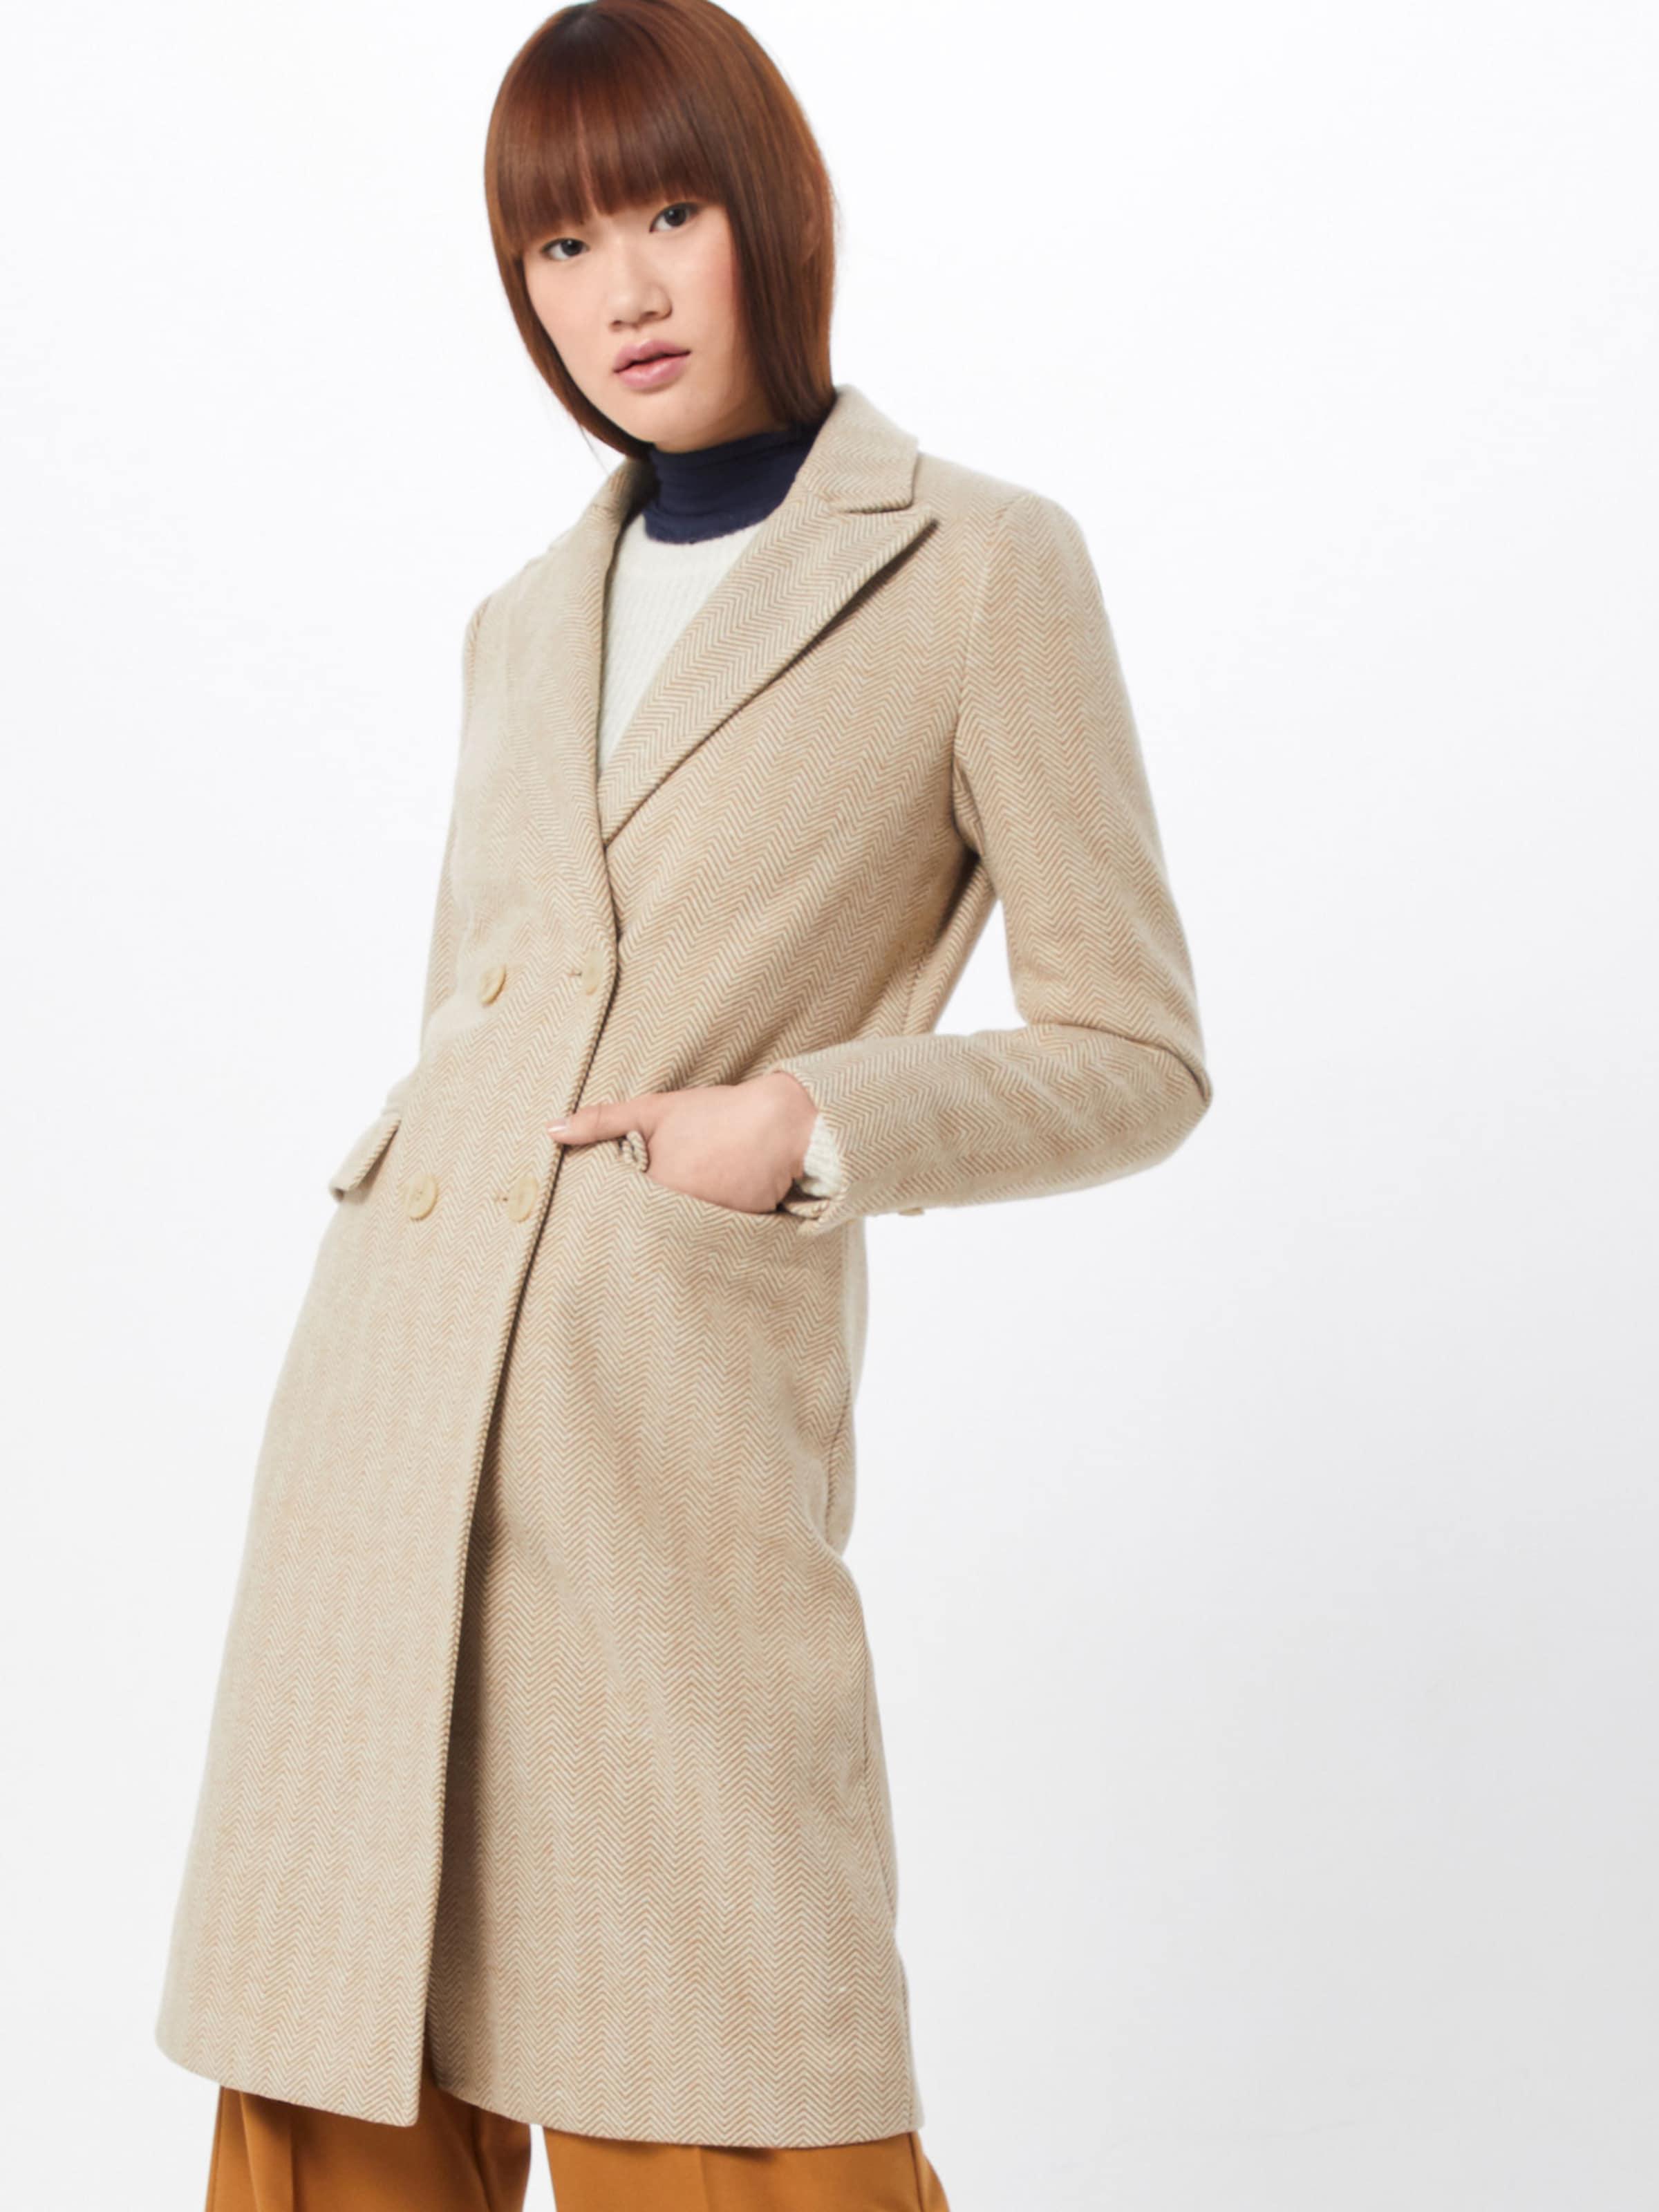 'toney' Beige Union In Mantel Fashion ybfY7g6